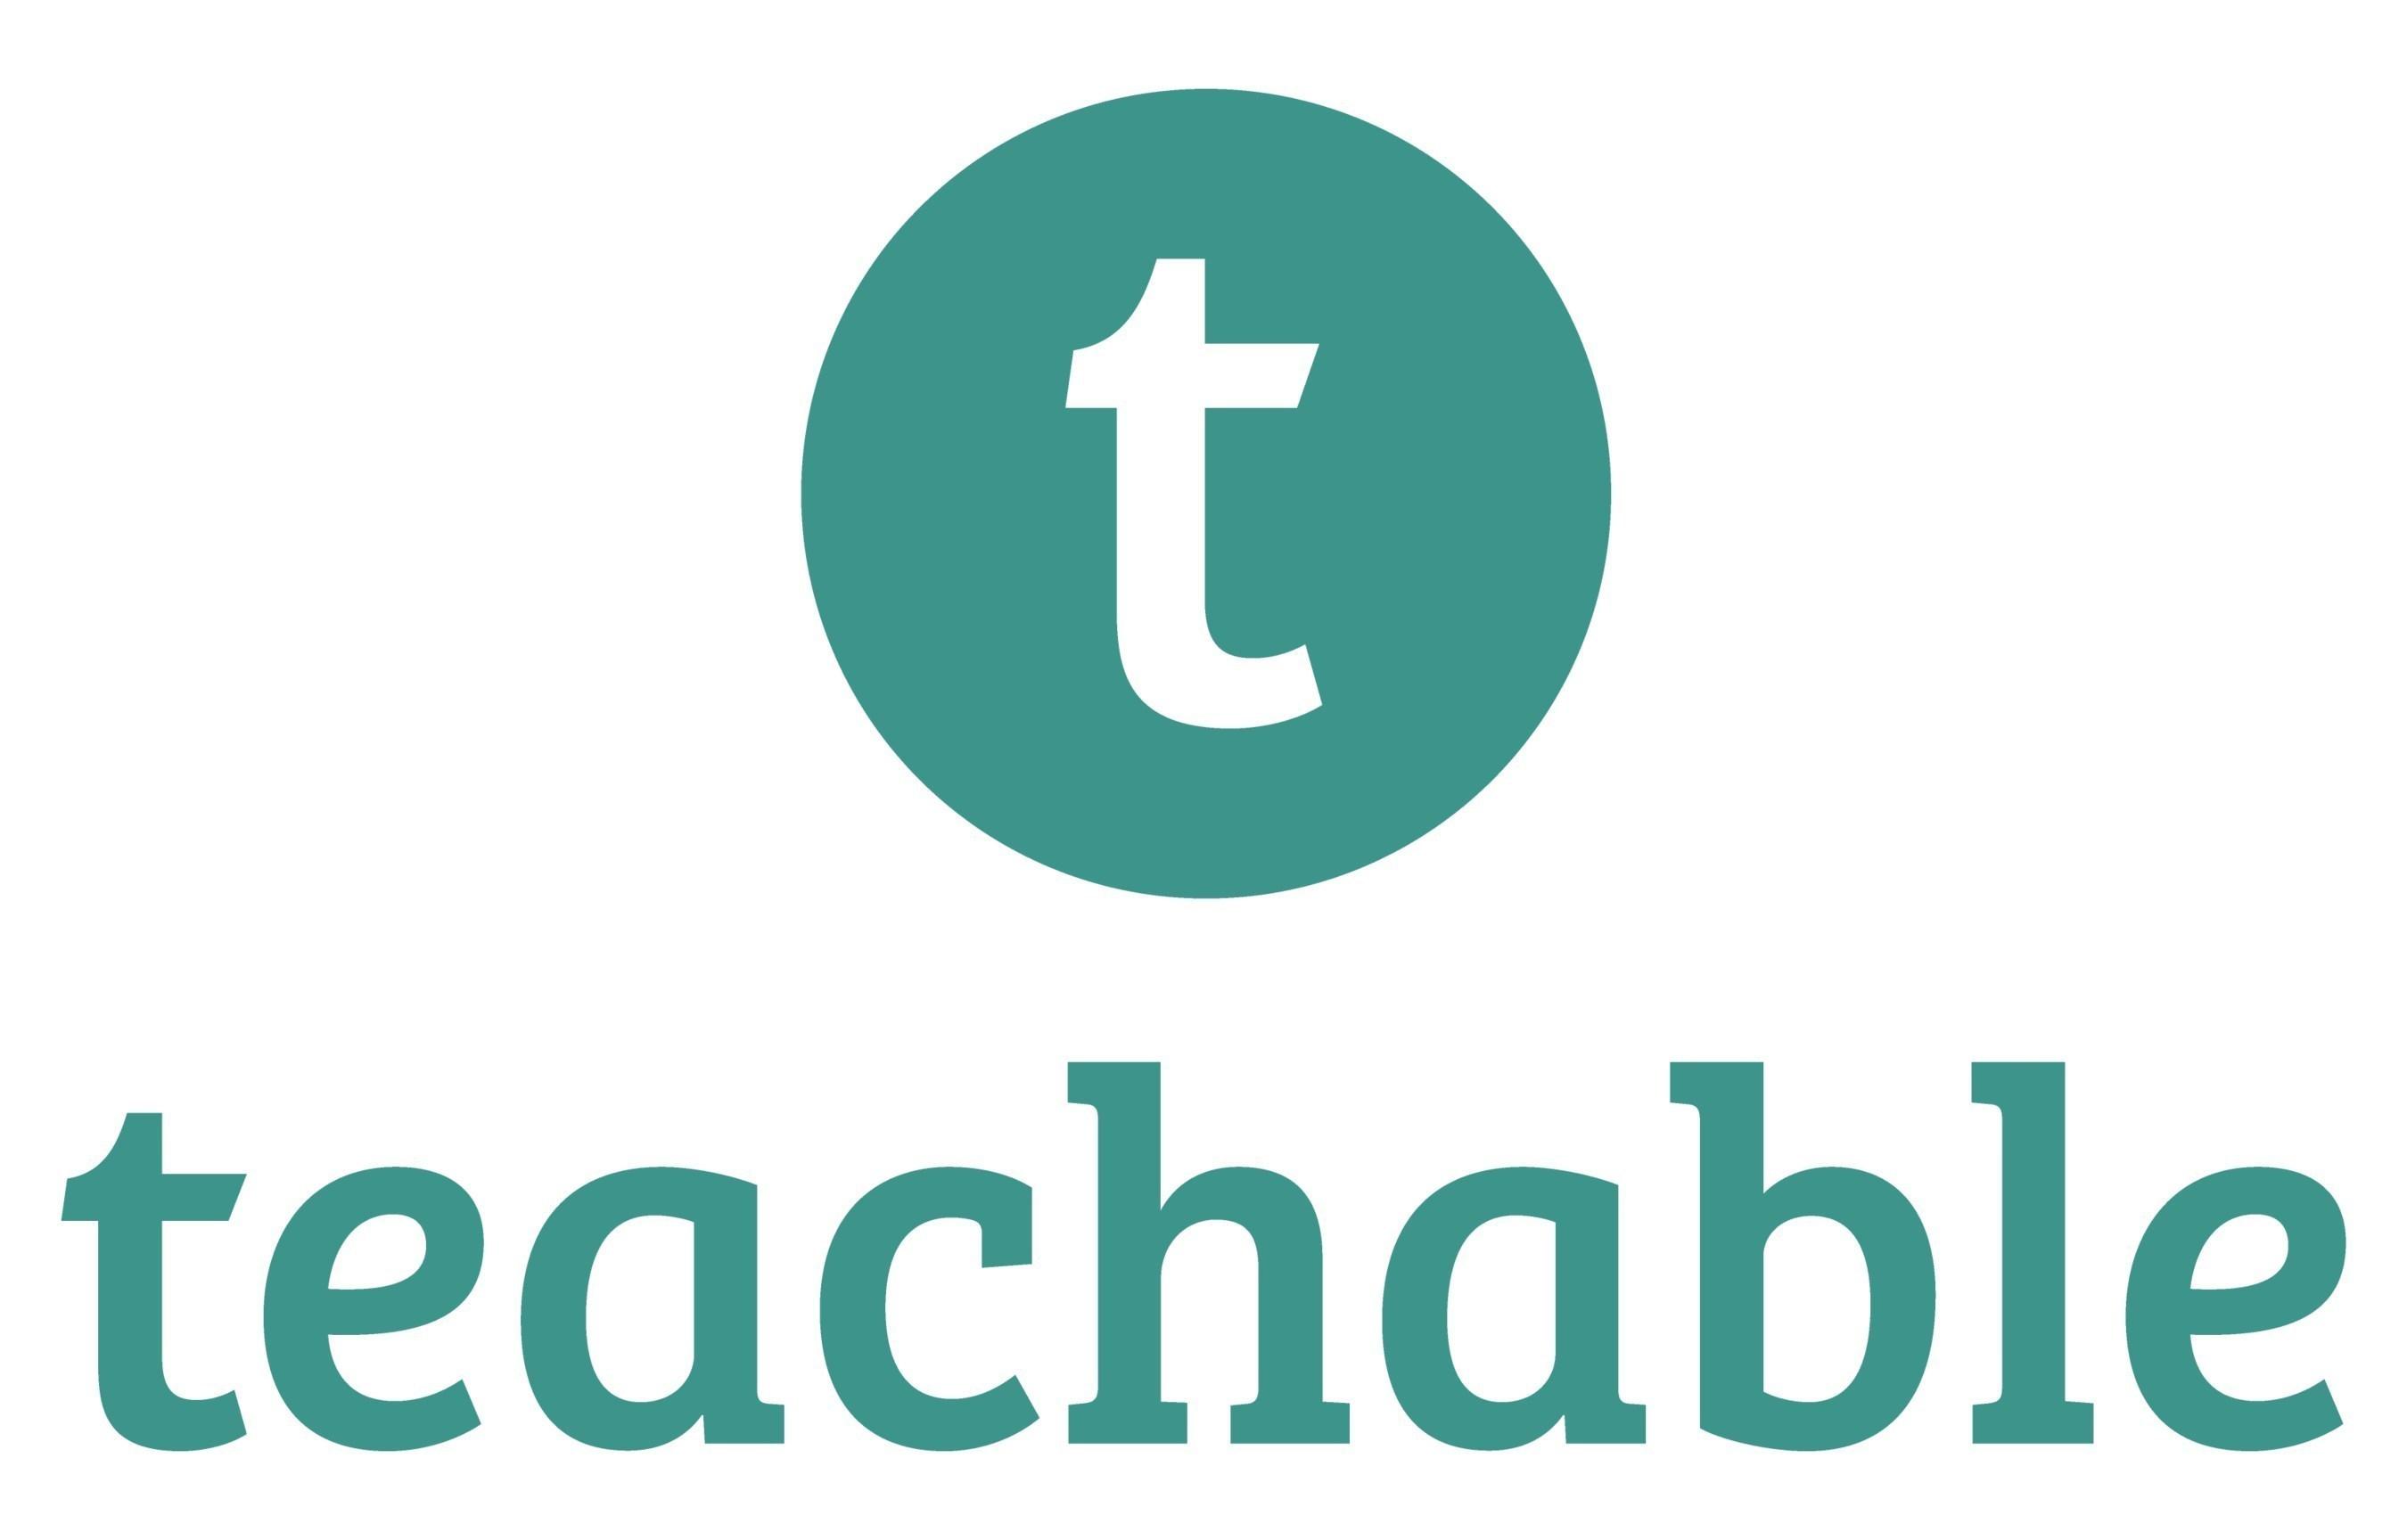 publish a guest post on teachable teachable. com